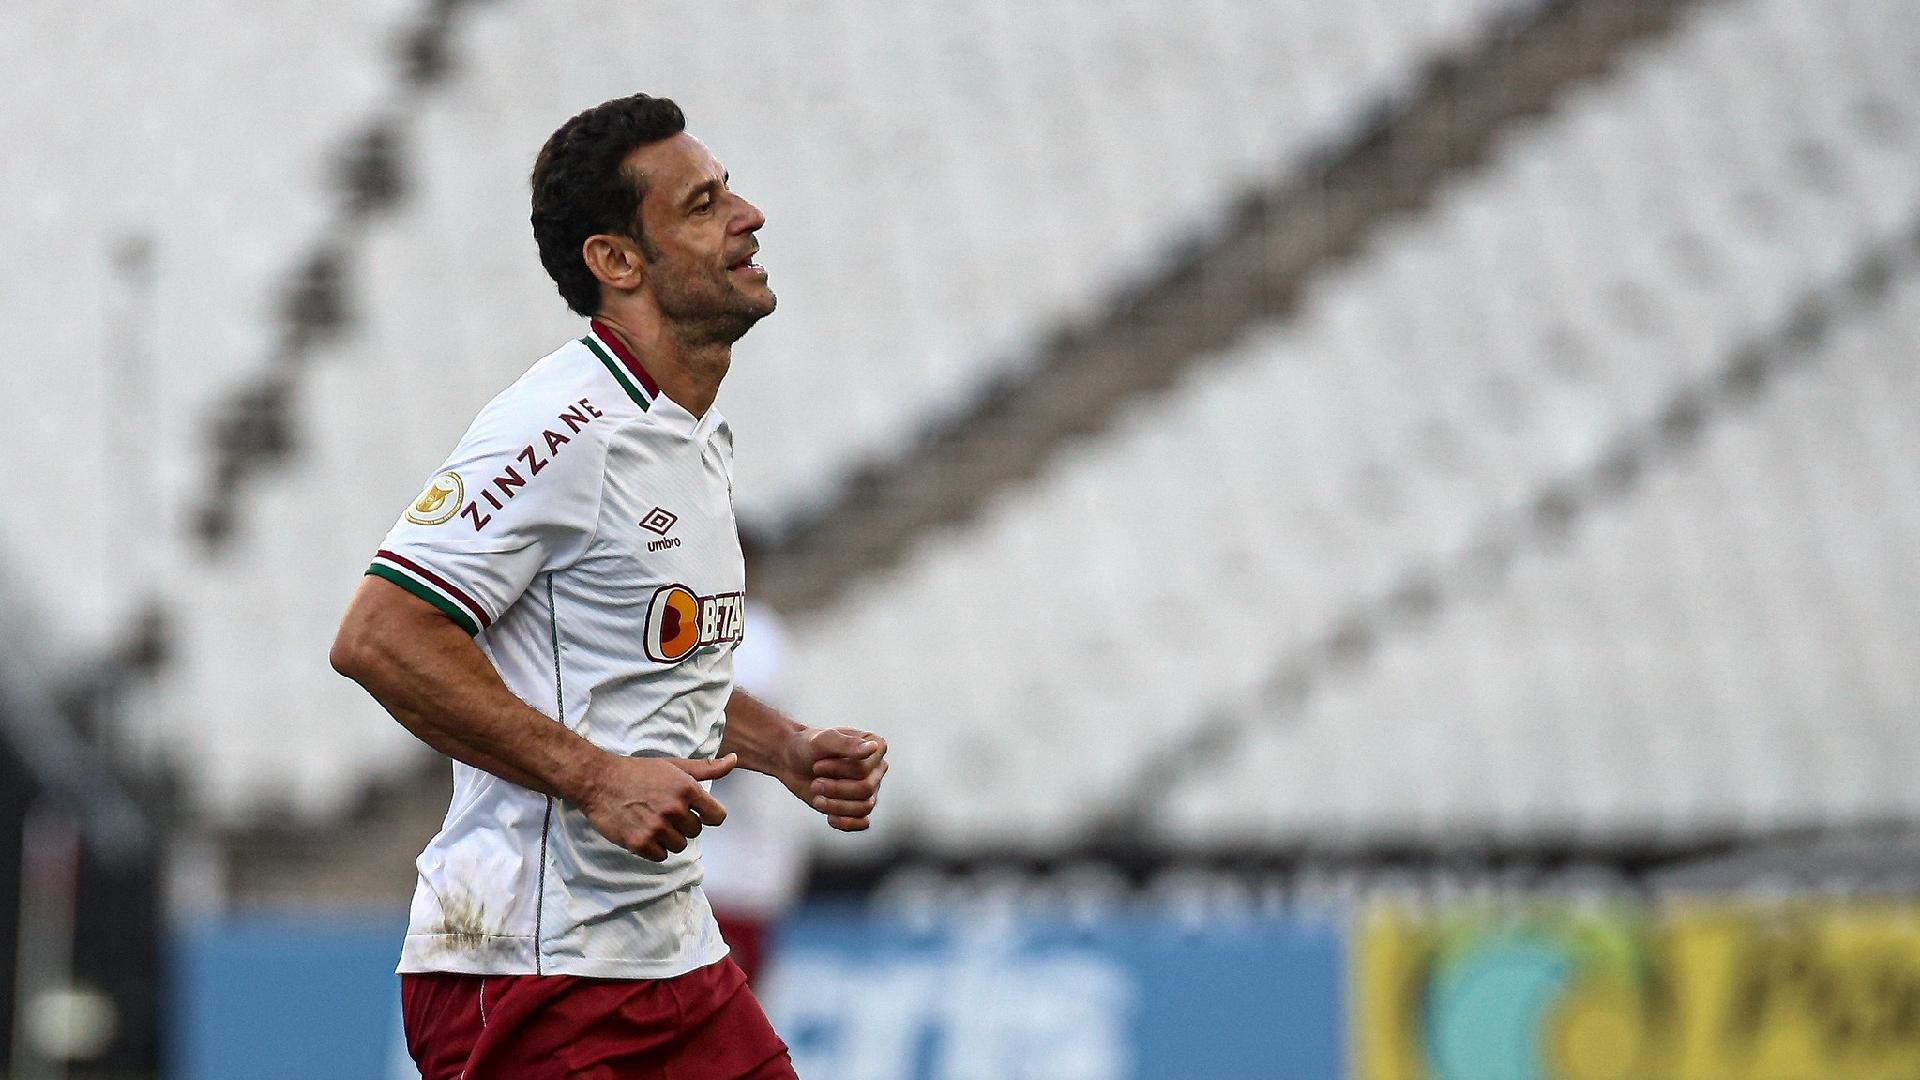 Fred, atacante do Fluminense, durante o jogo contra o Flamengo